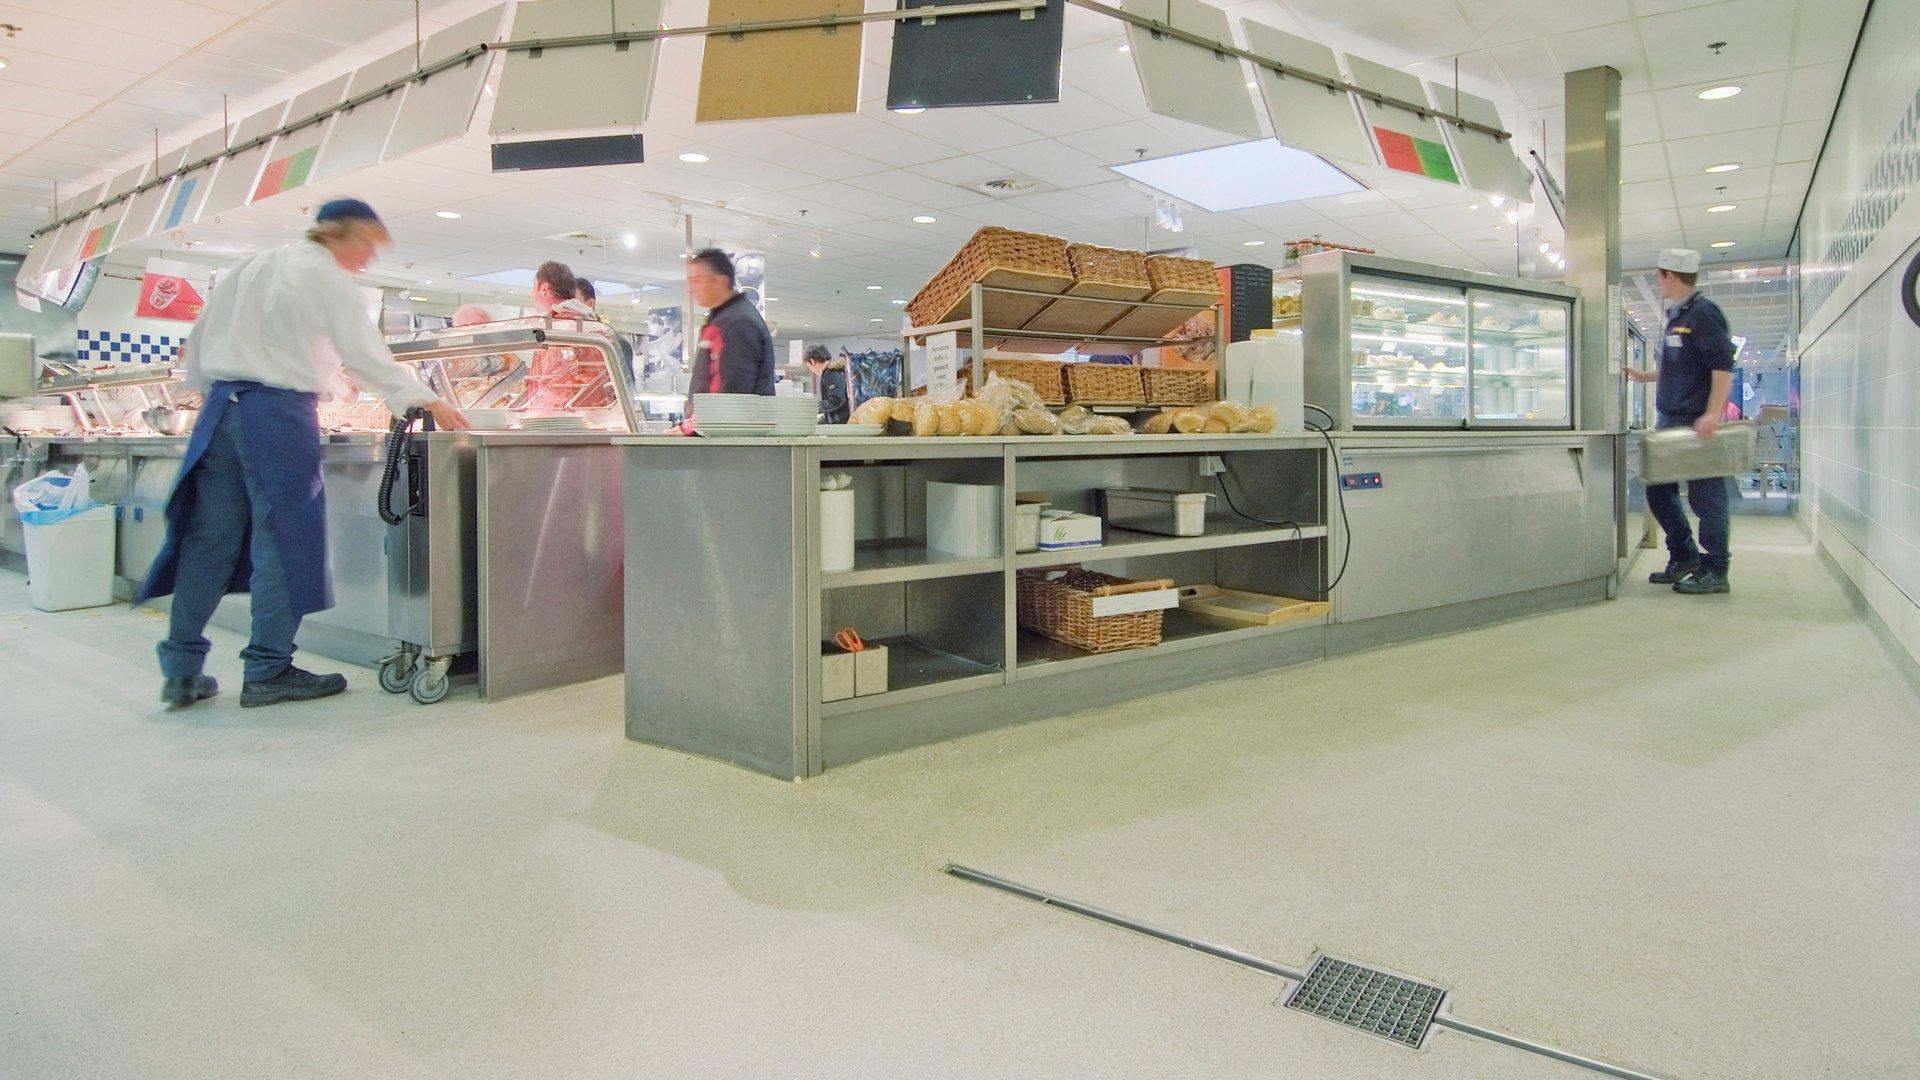 Ikea Barendrecht Bolidtop 700 RF